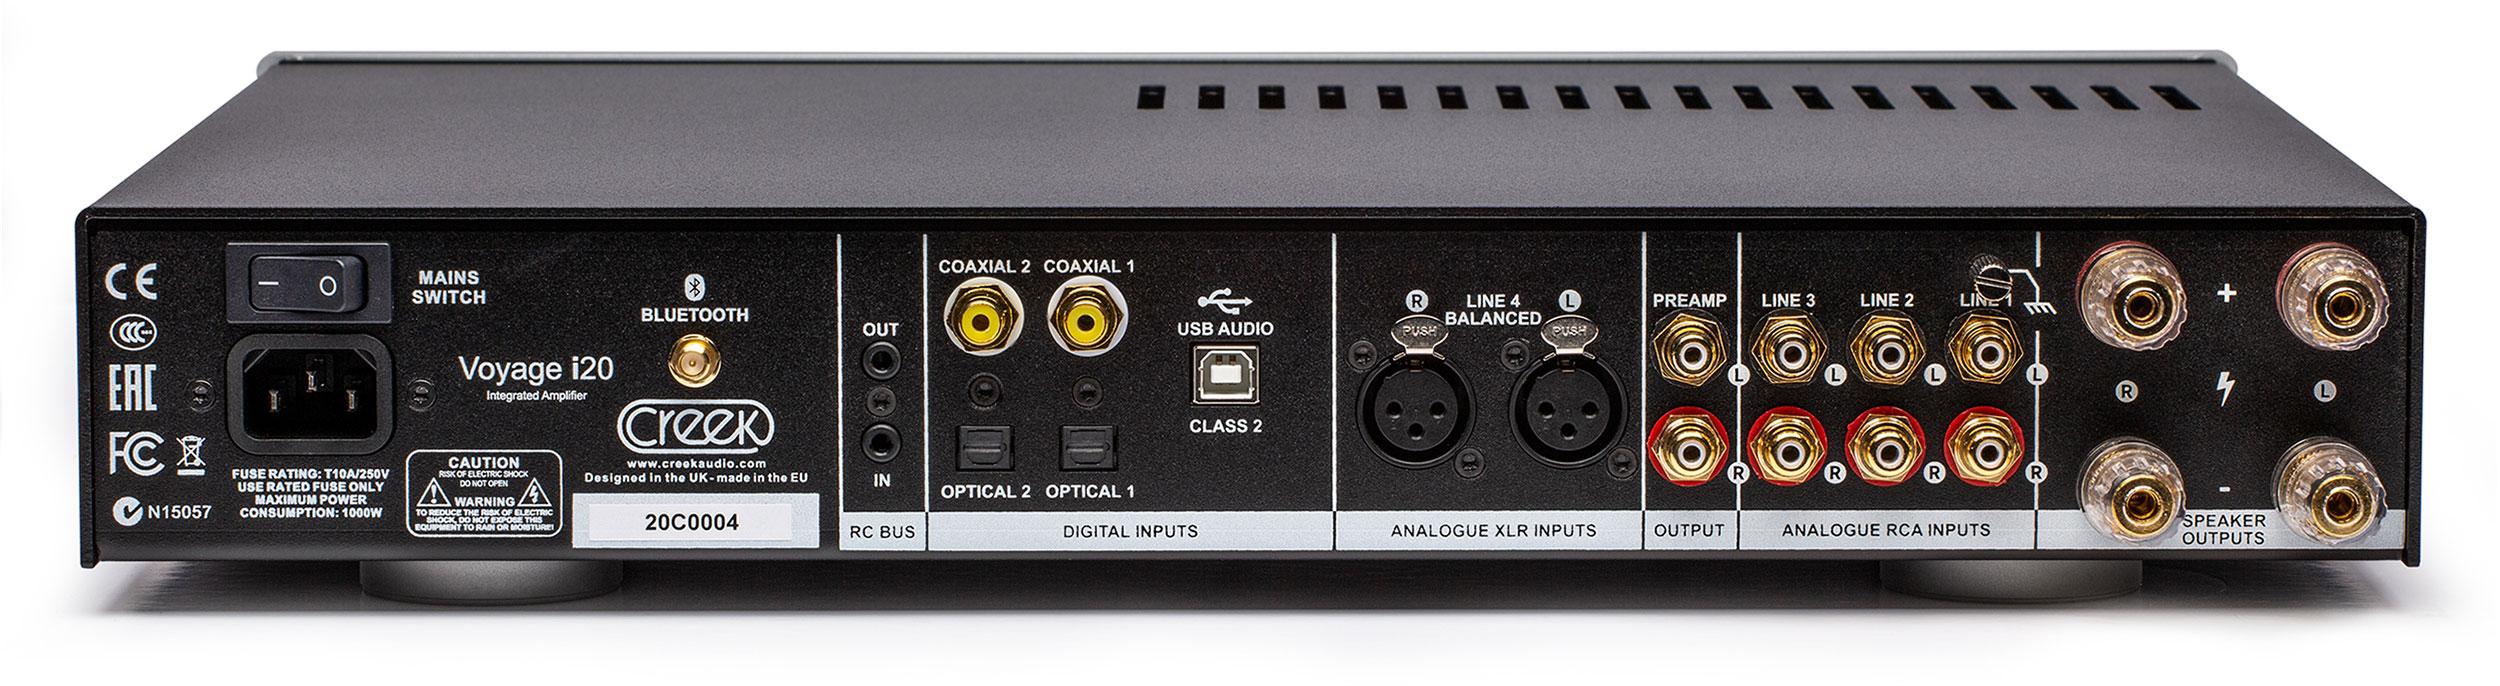 Creek-Voyage-i20-Silver-amplificatore-integrato ingressi audio pannello posteriore